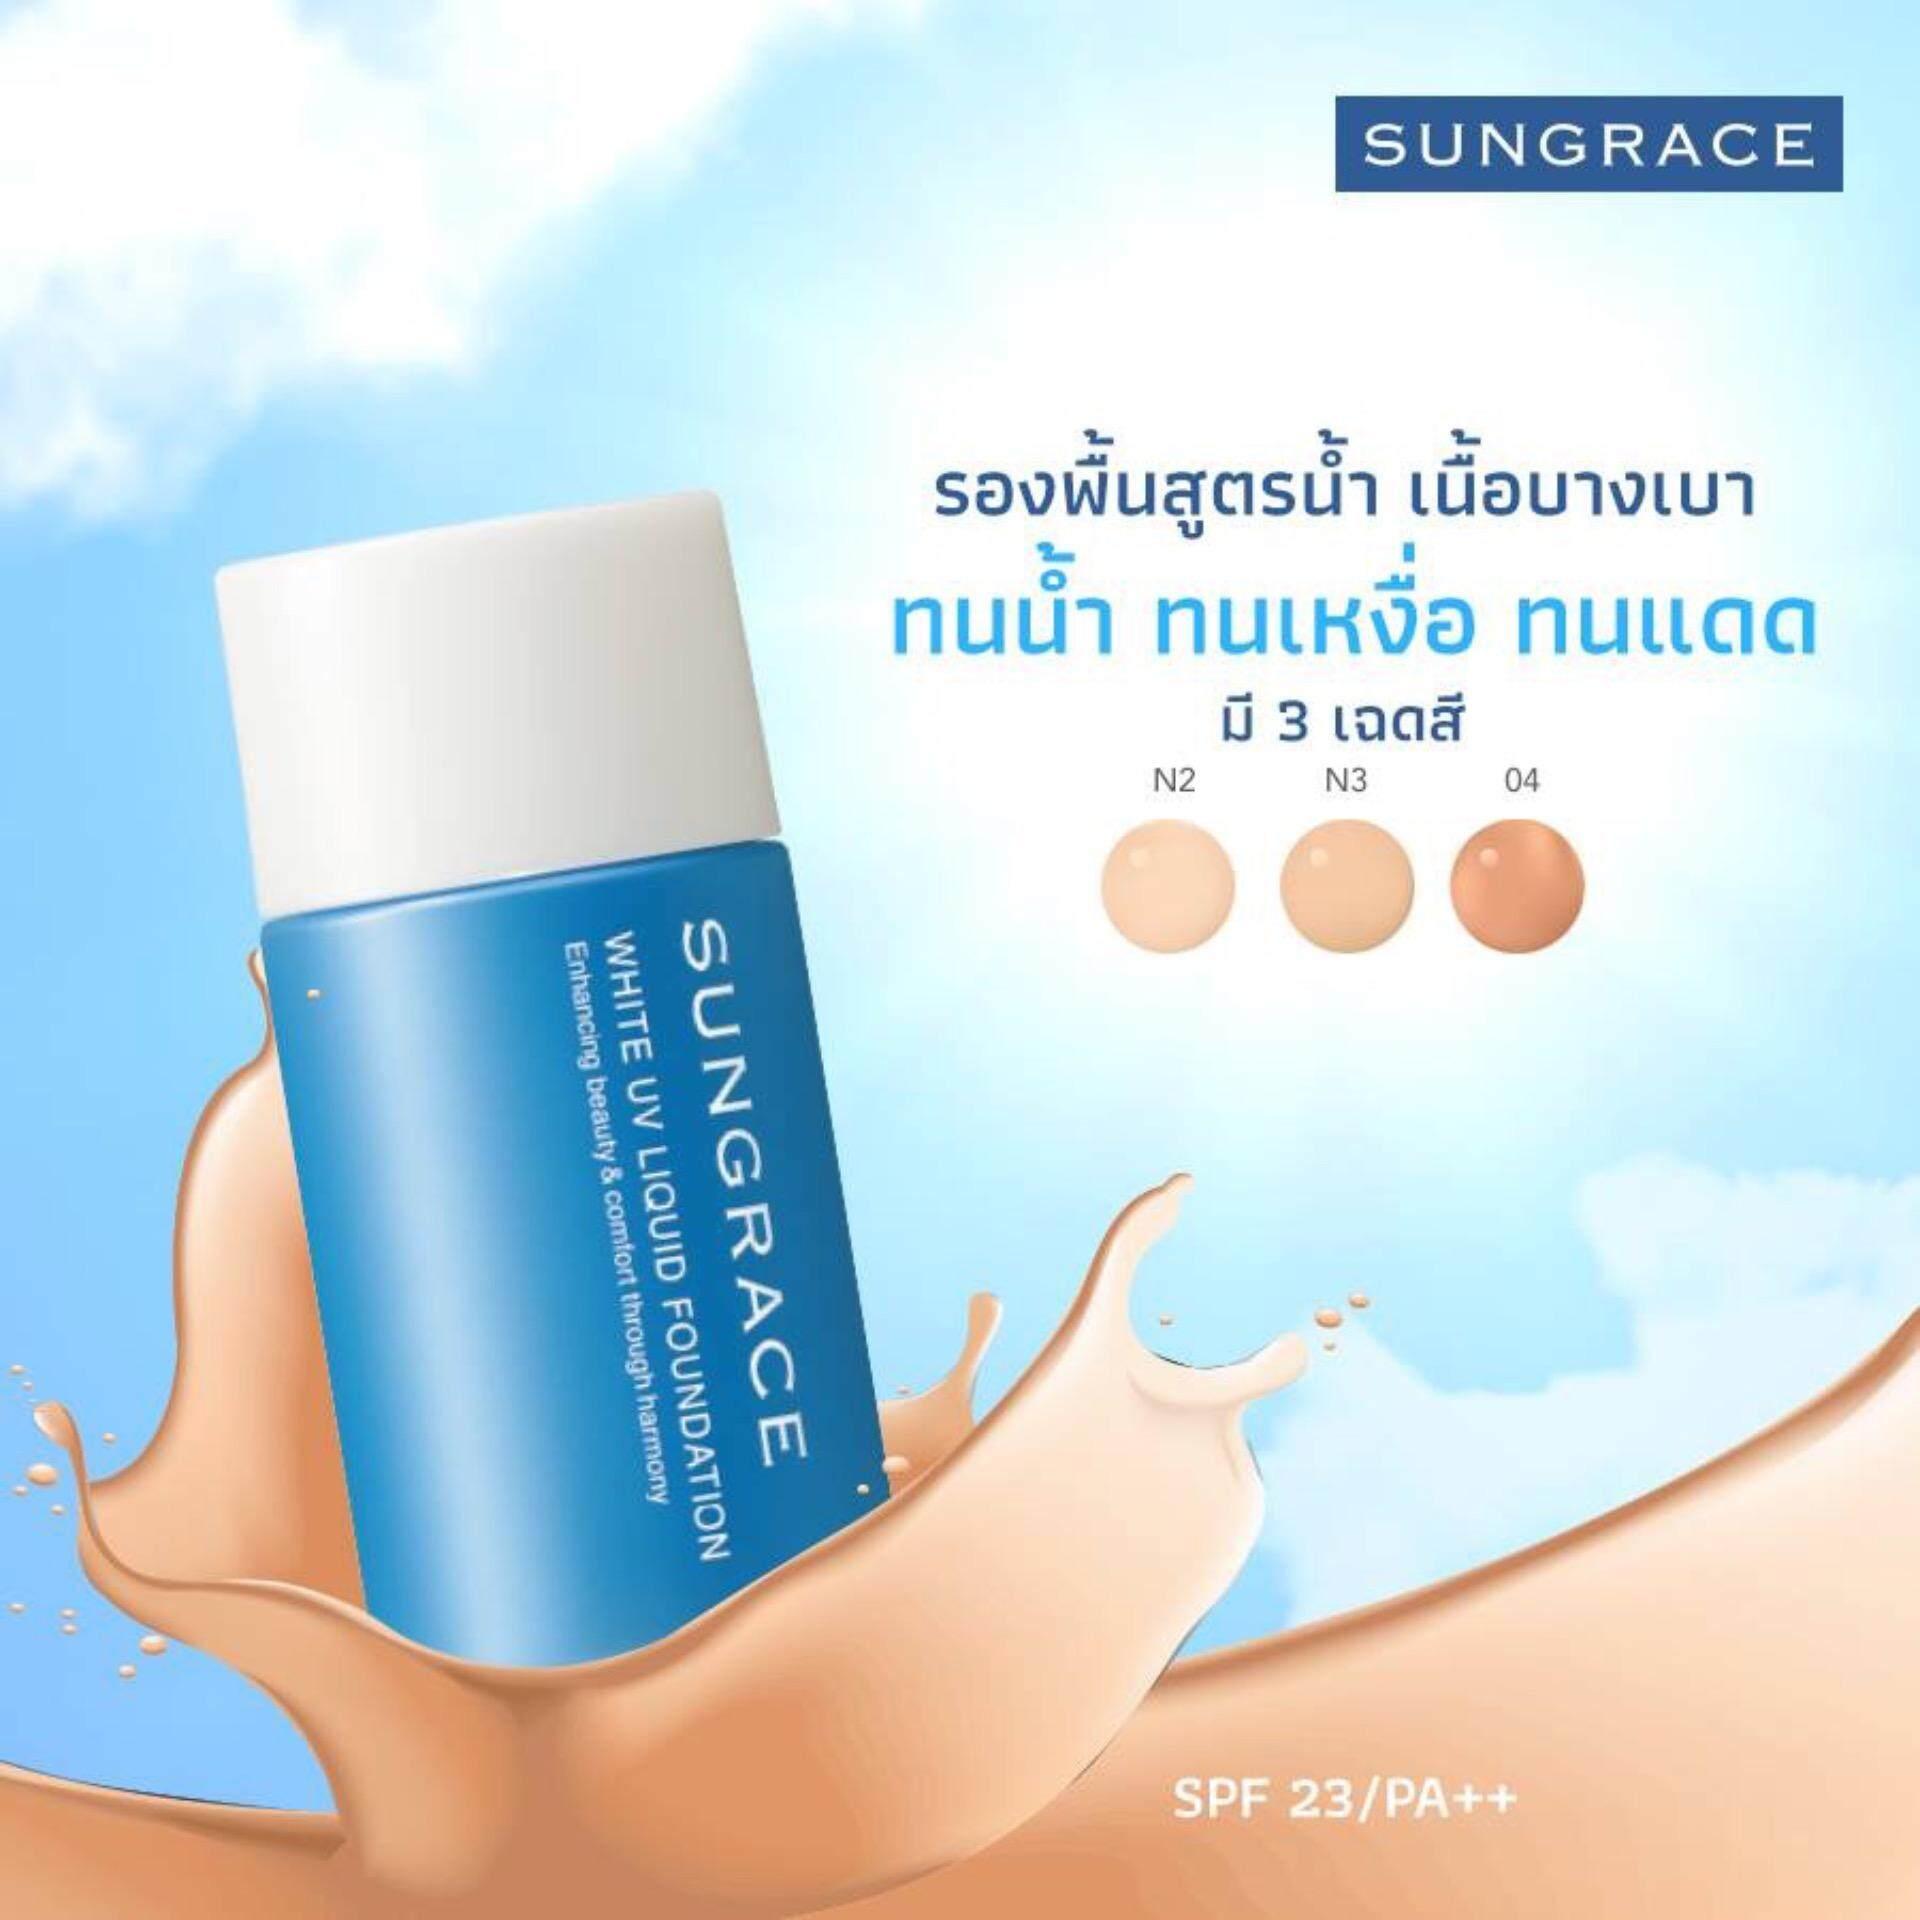 ราคา SUNGRACE WHITE UV LIQUID FOUNDATION SPF23 / PA++ มีให้เลือก 3เฉดสี